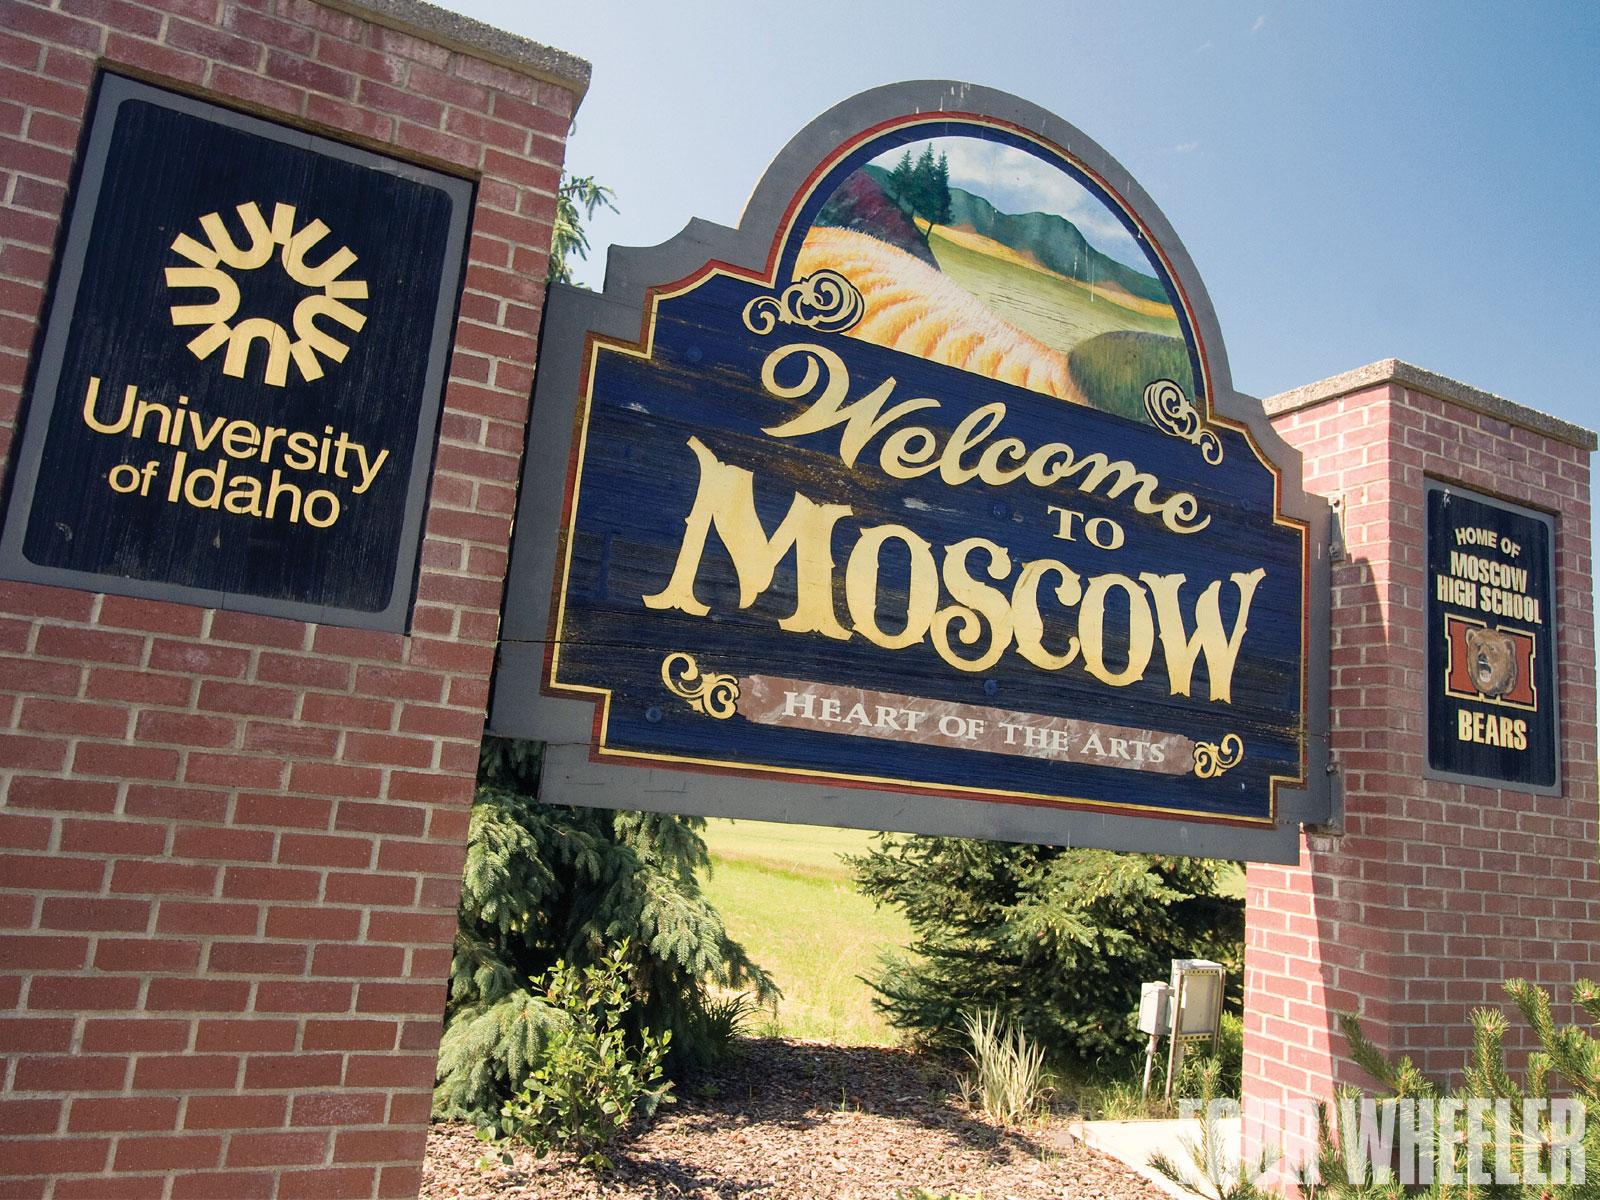 Moscow-Idaho